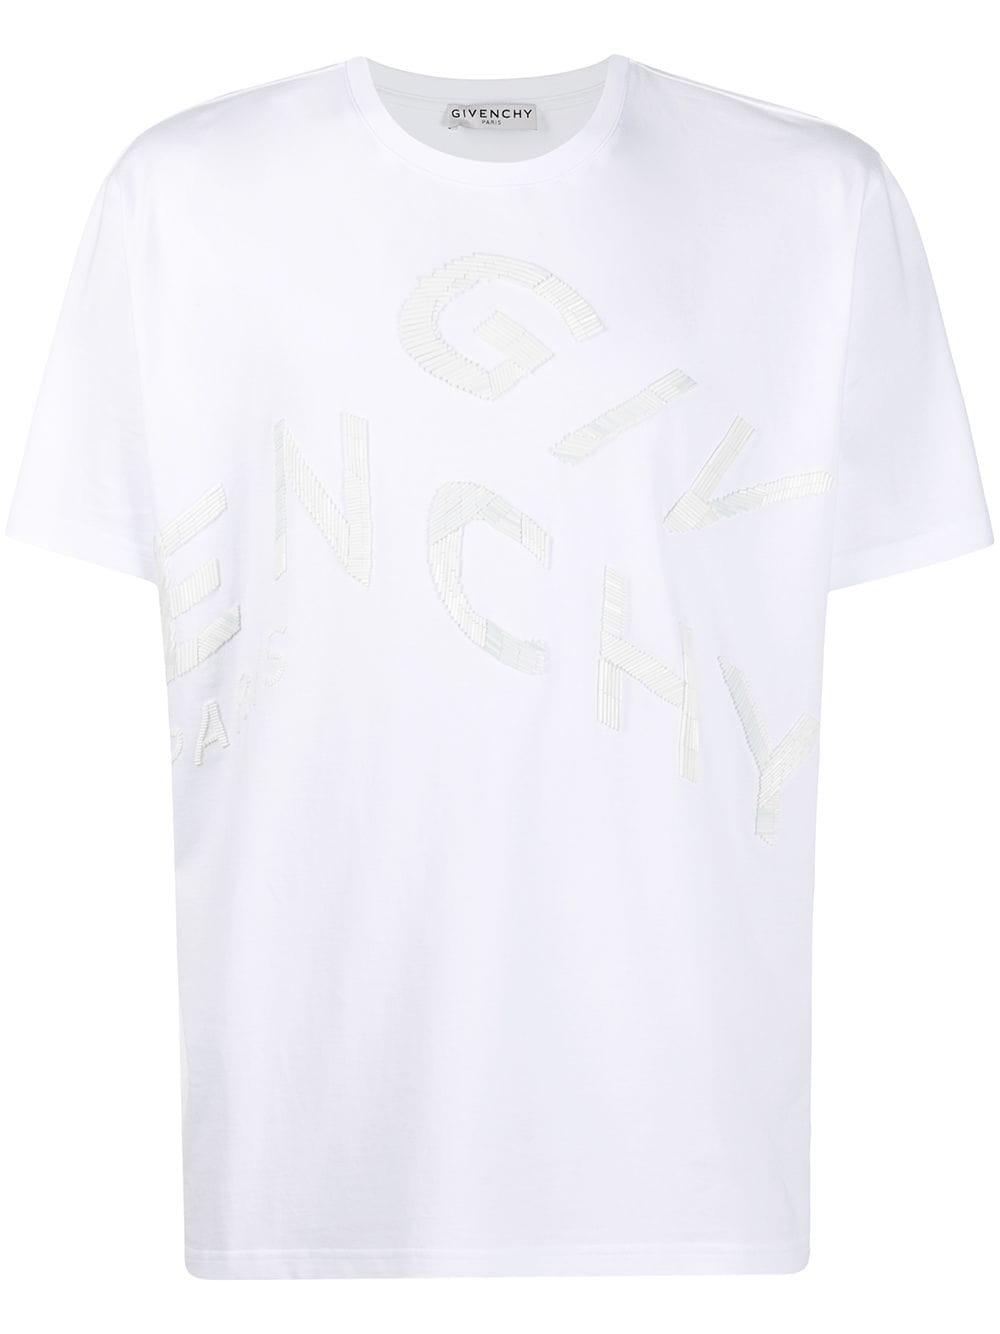 Givenchy T-Shirt mit aufgesticktem Logo - Weiß